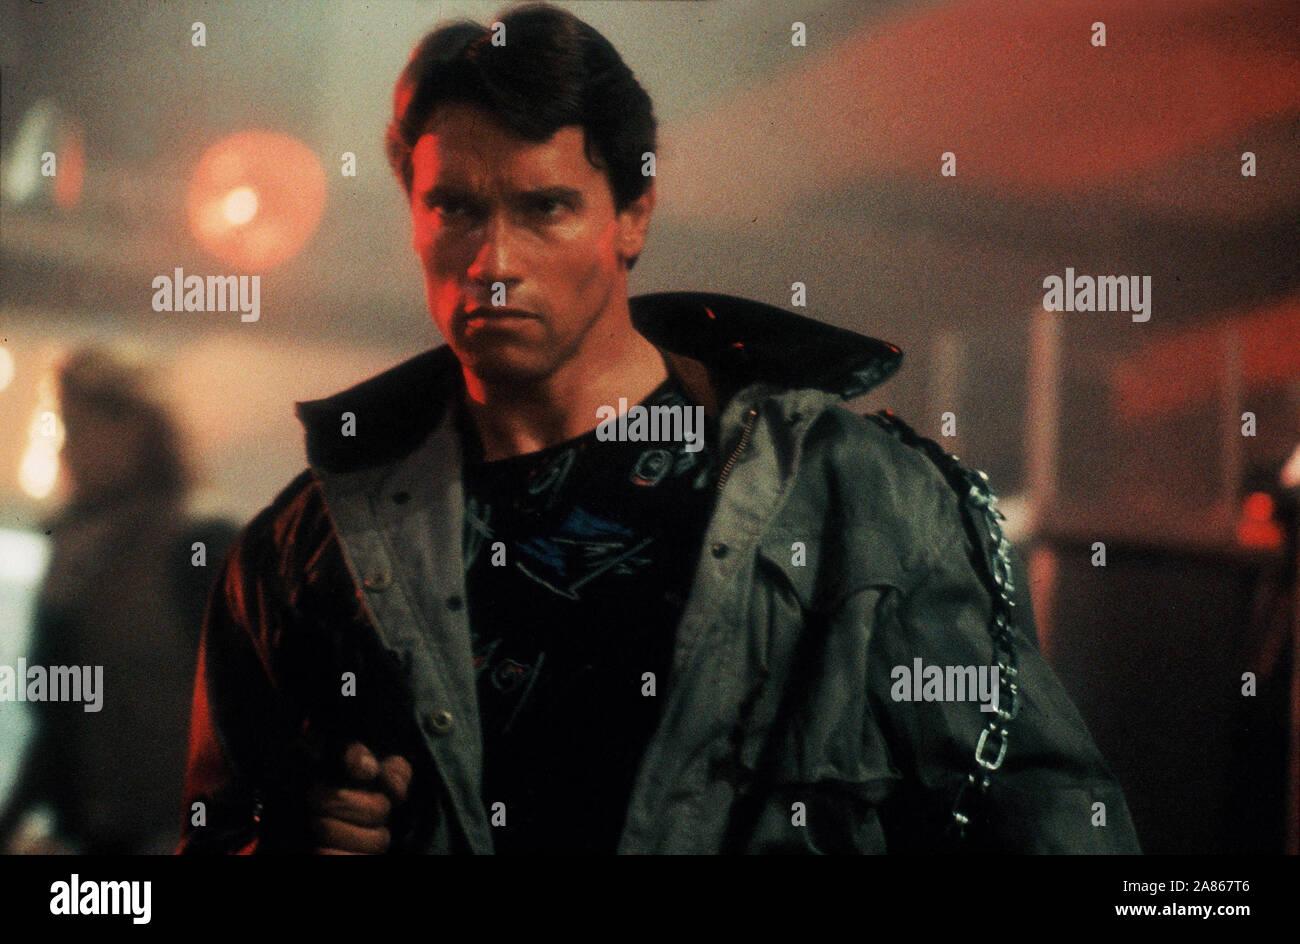 Caren Kaye Photos 1984' movie still stock photos & '1984' movie still stock